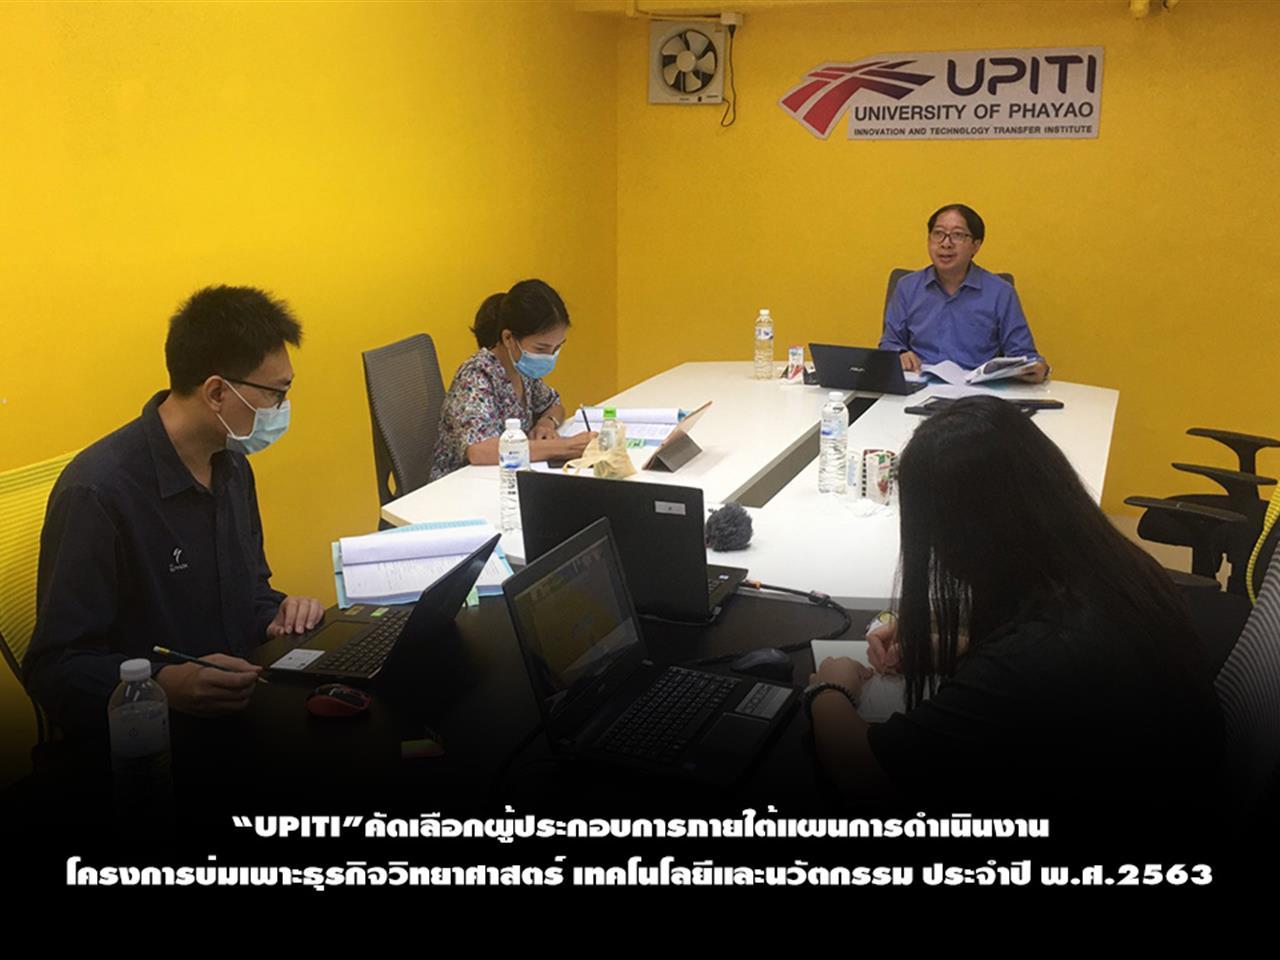 """""""UPITI""""คัดเลือกผู้ประกอบการภายใต้แผนการดำเนินงาน โครงการบ่มเพาะธุรกิจวิทยาศาสตร์ เทคโนโลยีและนวัตกรรม ประจำปี พ.ศ.2563"""